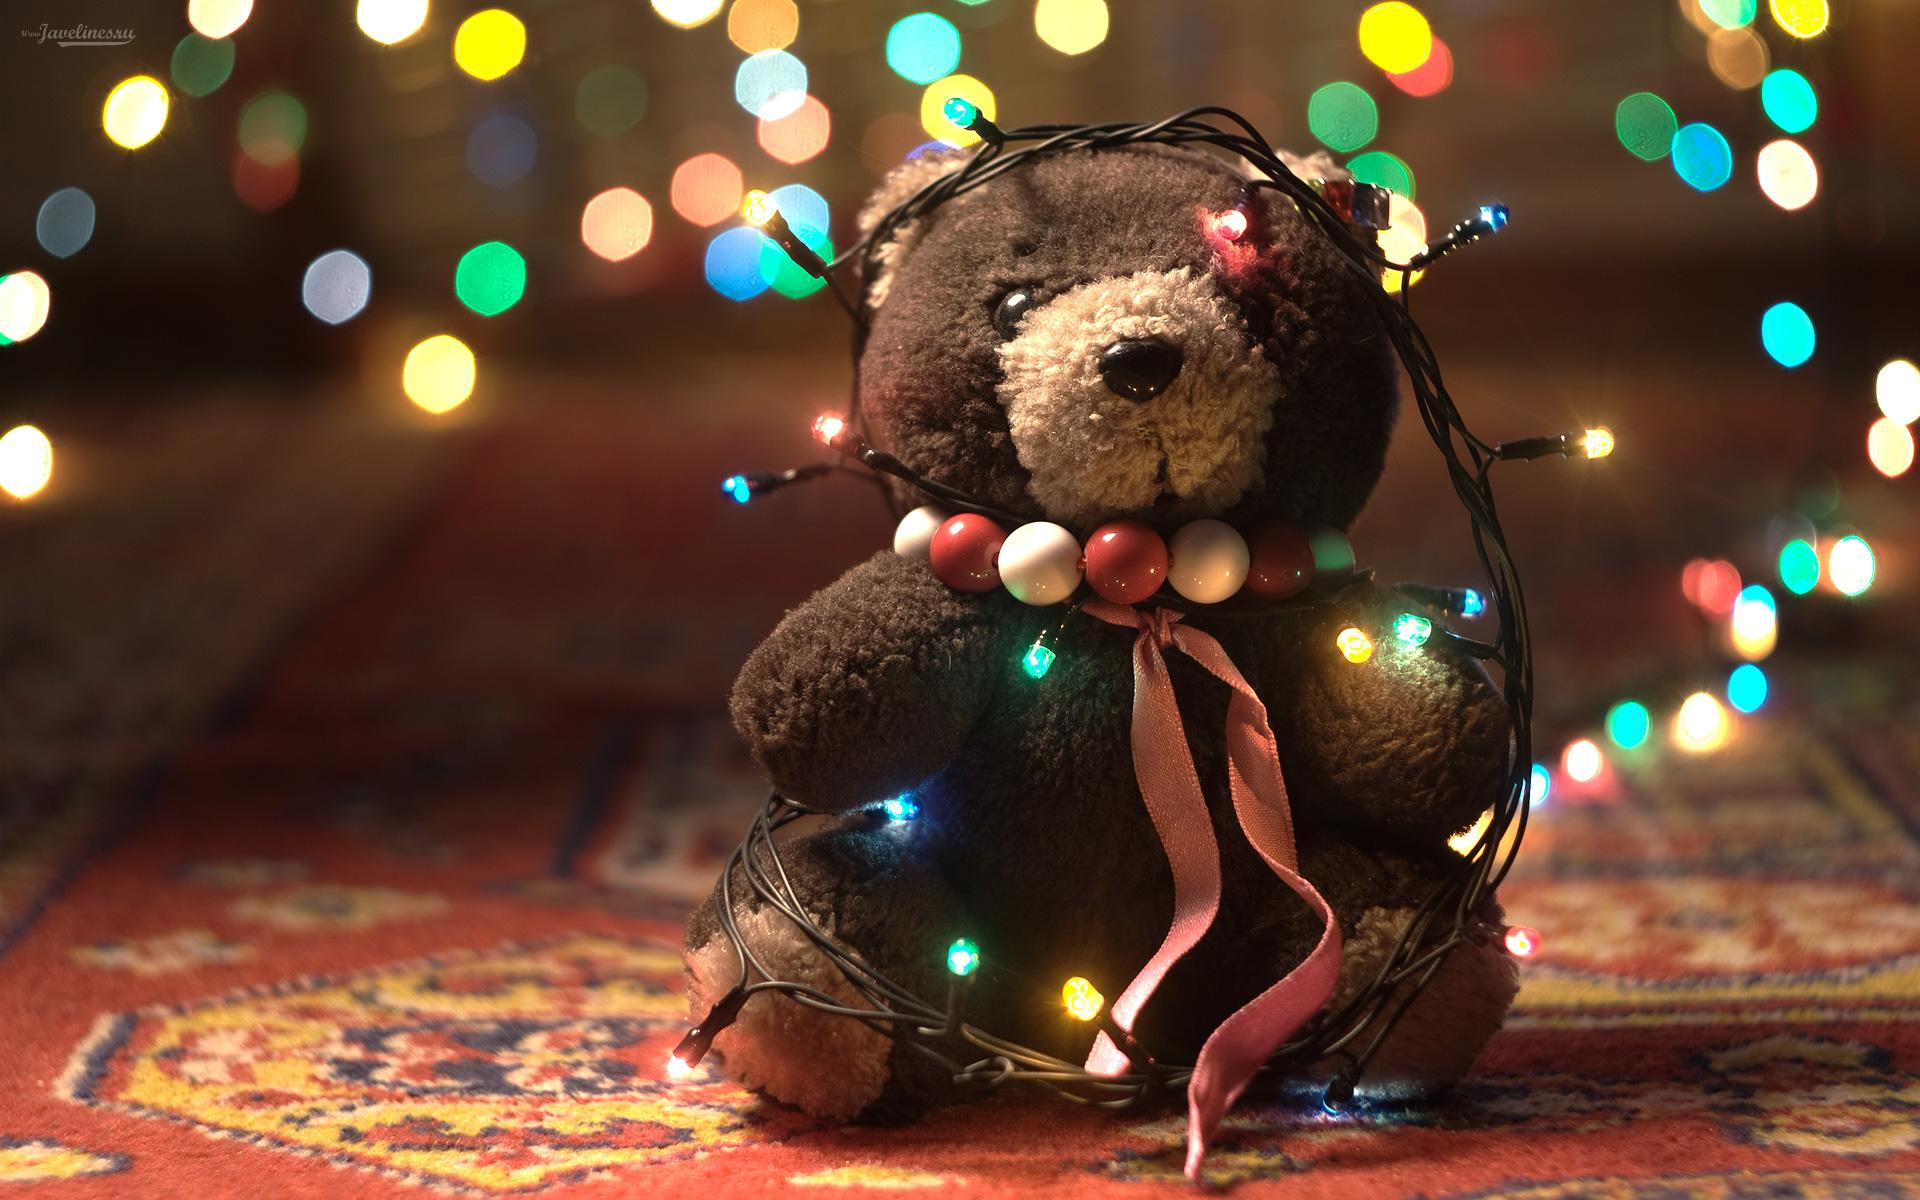 wallpaper adorable teddy bear adorable, bear, cute, teddy